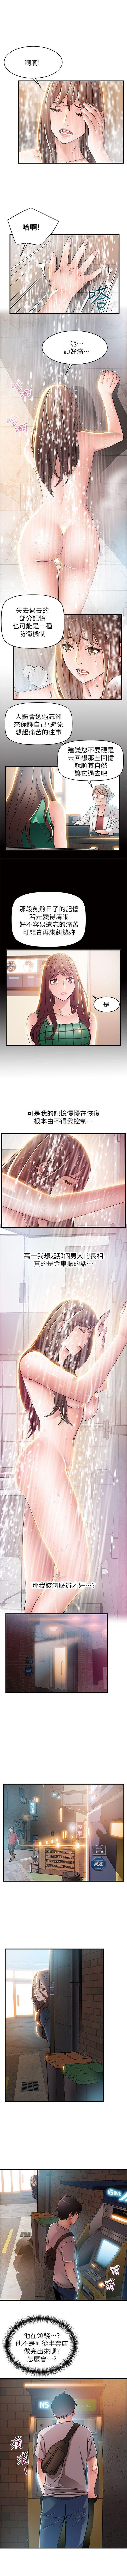 (週7)弱點 1-76 中文翻譯(更新中) 191